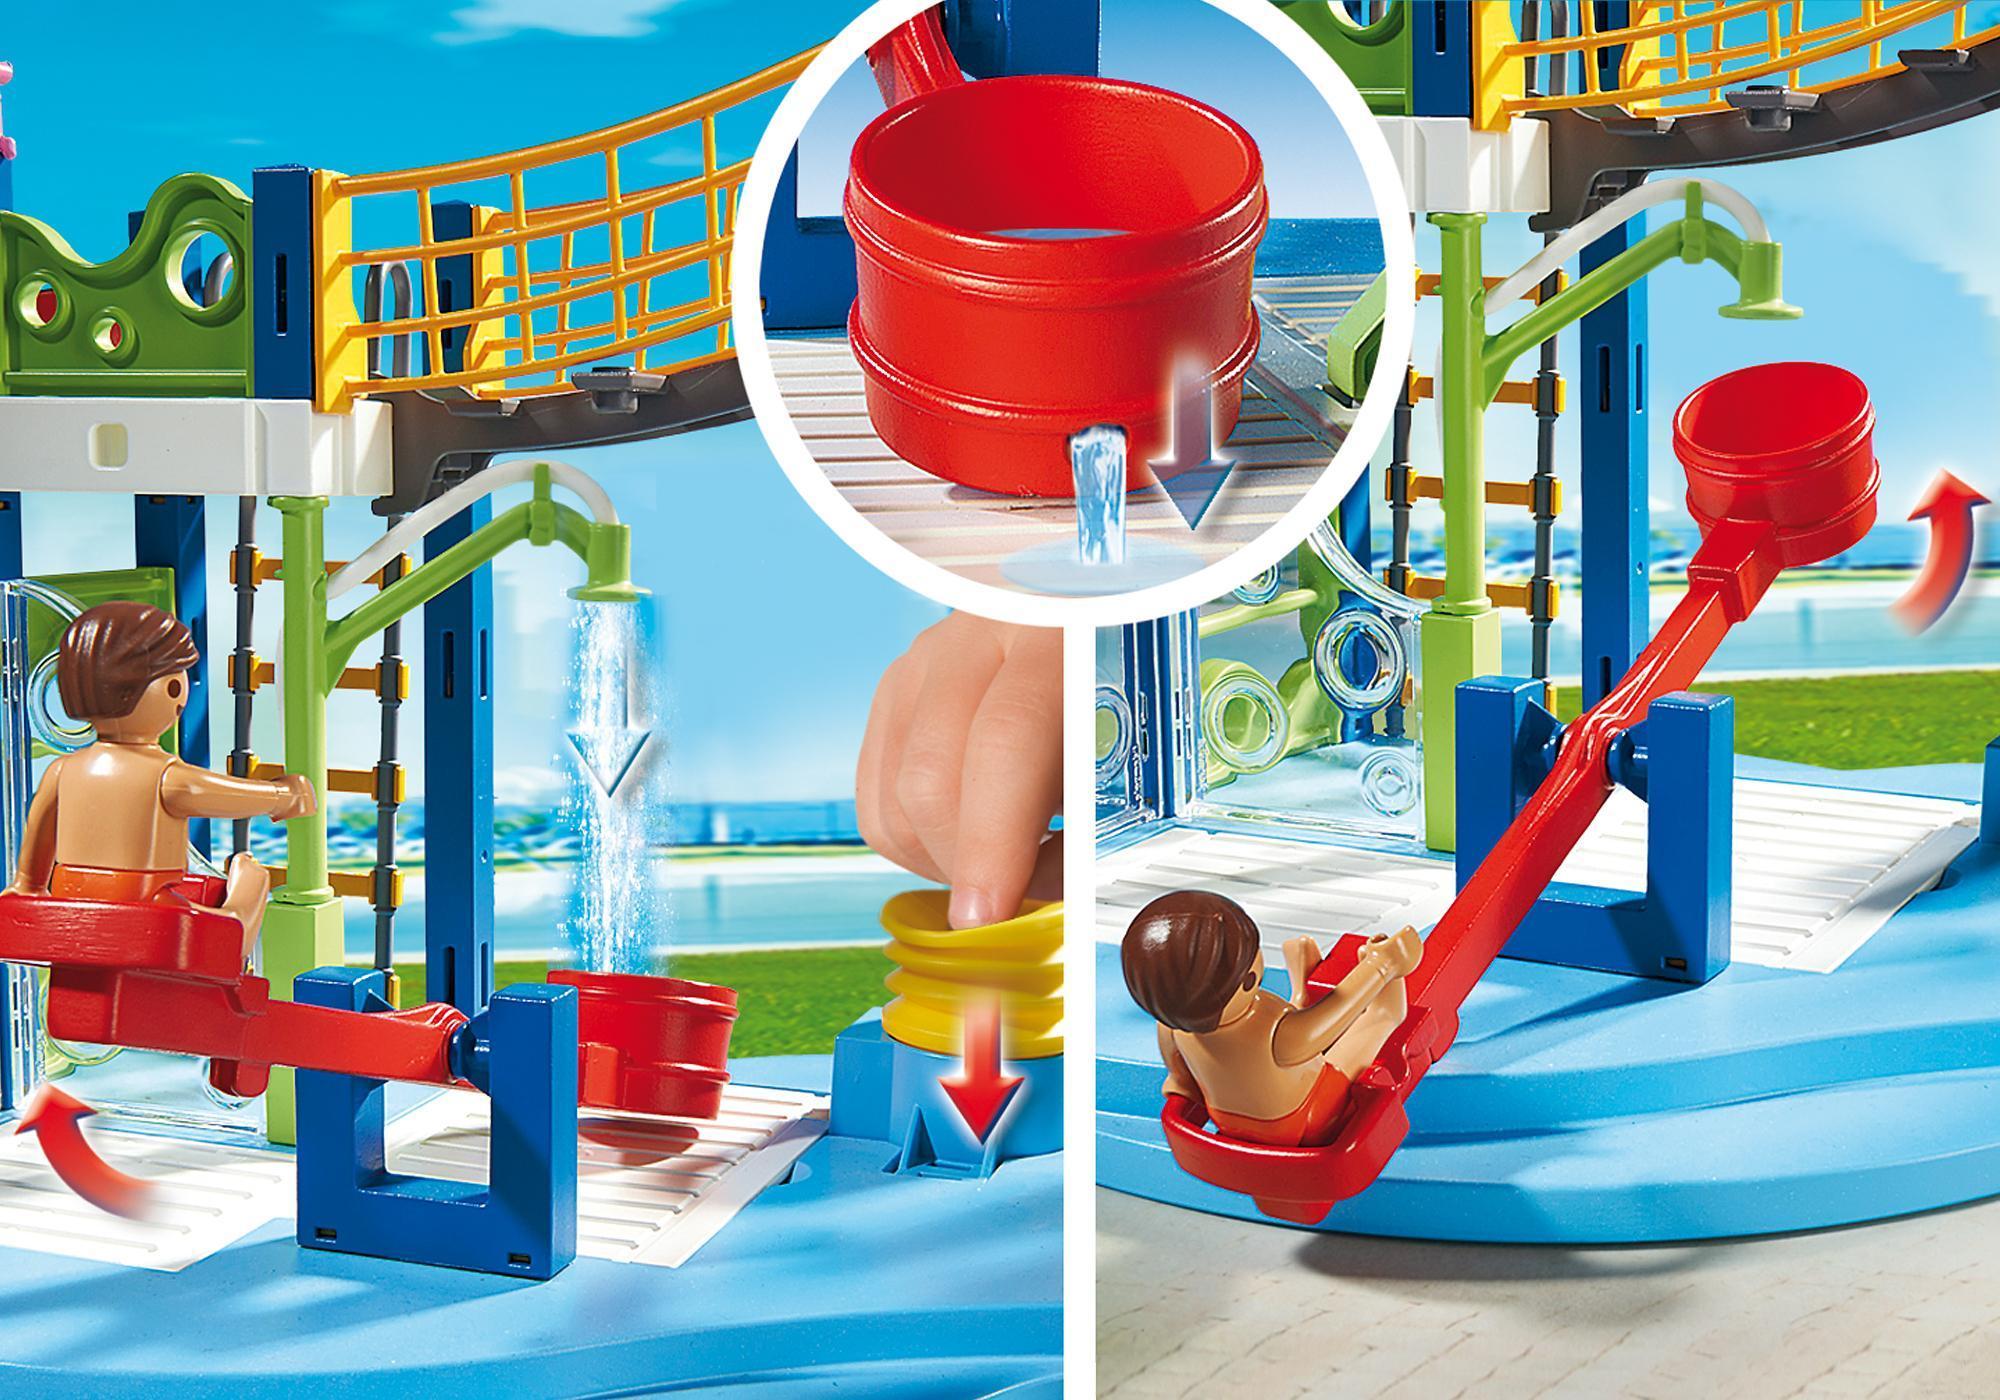 http://media.playmobil.com/i/playmobil/6670_product_extra1/Aire de jeux aquatique